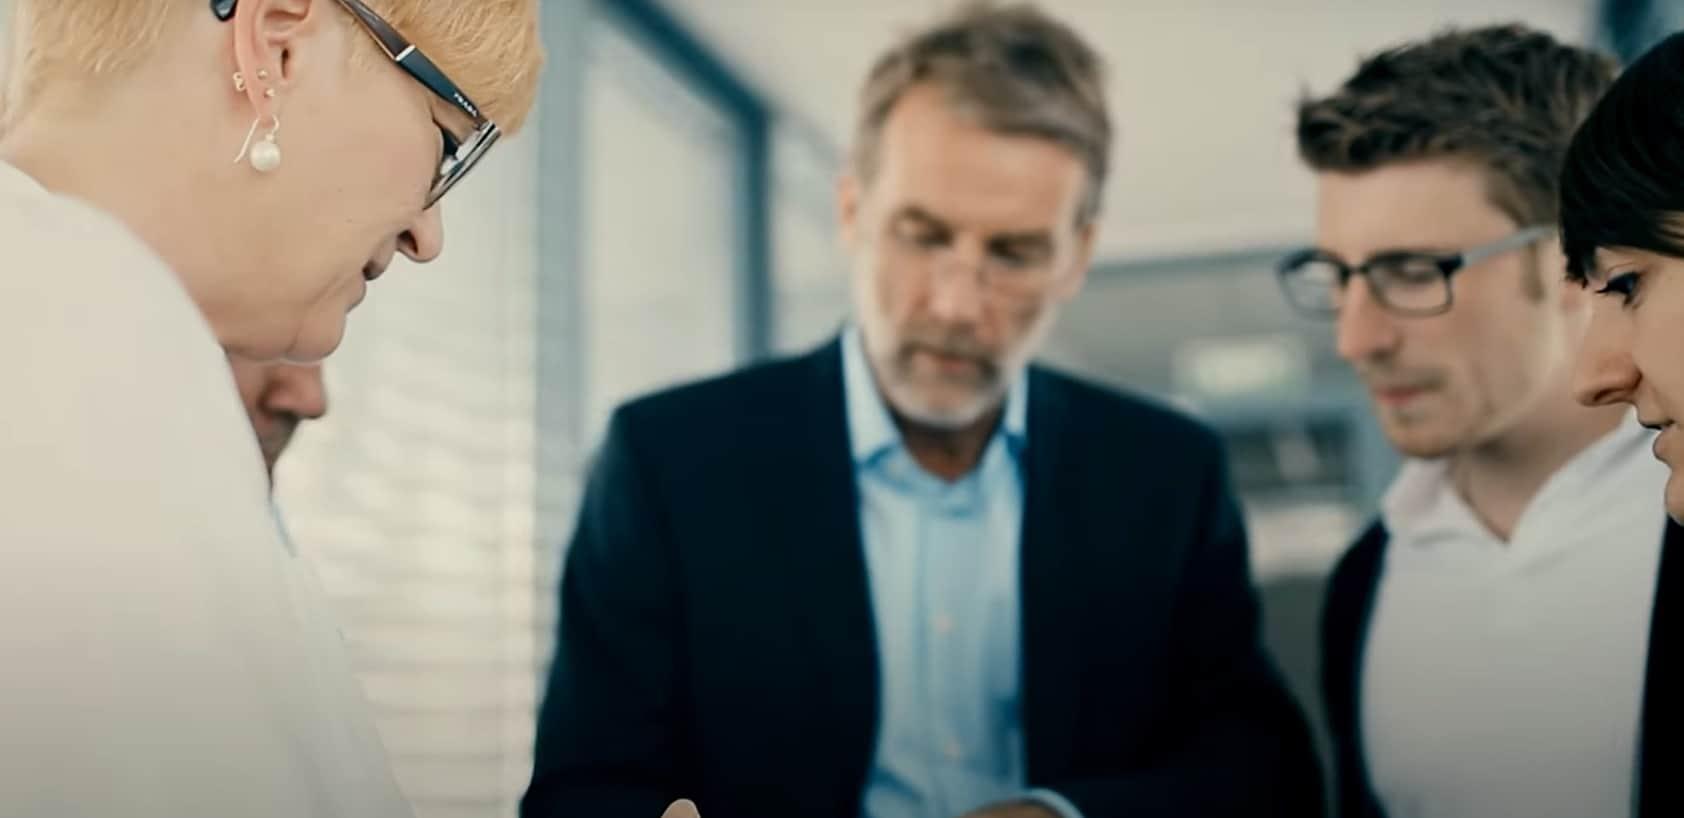 Unternehmensverkauf: 8 Schritte zum erfolgreichen Verkauf Ihres Unternehmens